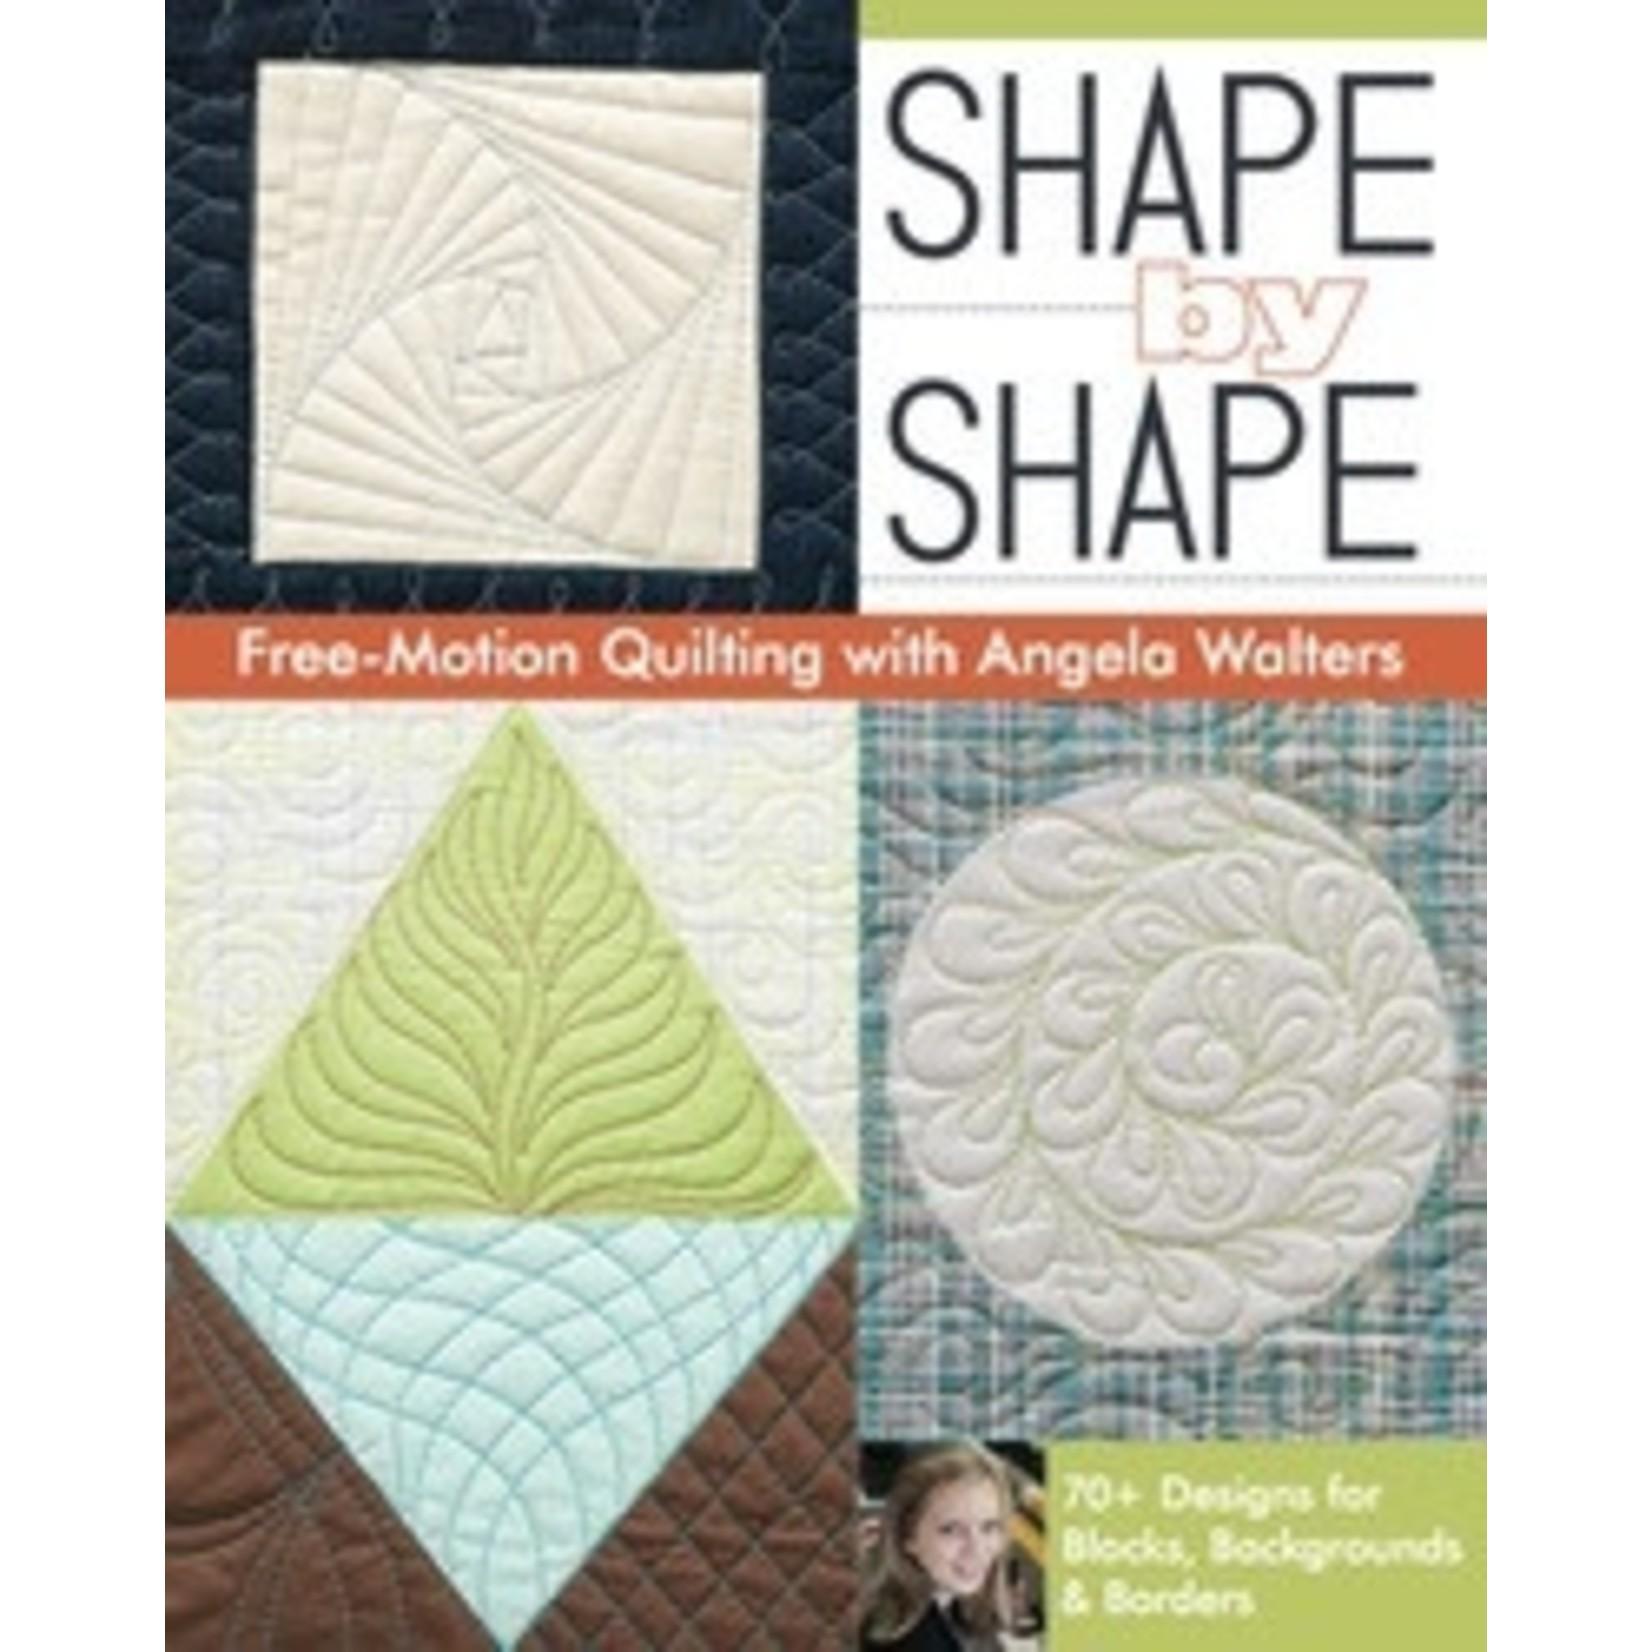 Stash Books SHAPE BY SHAPE by Angela Walters